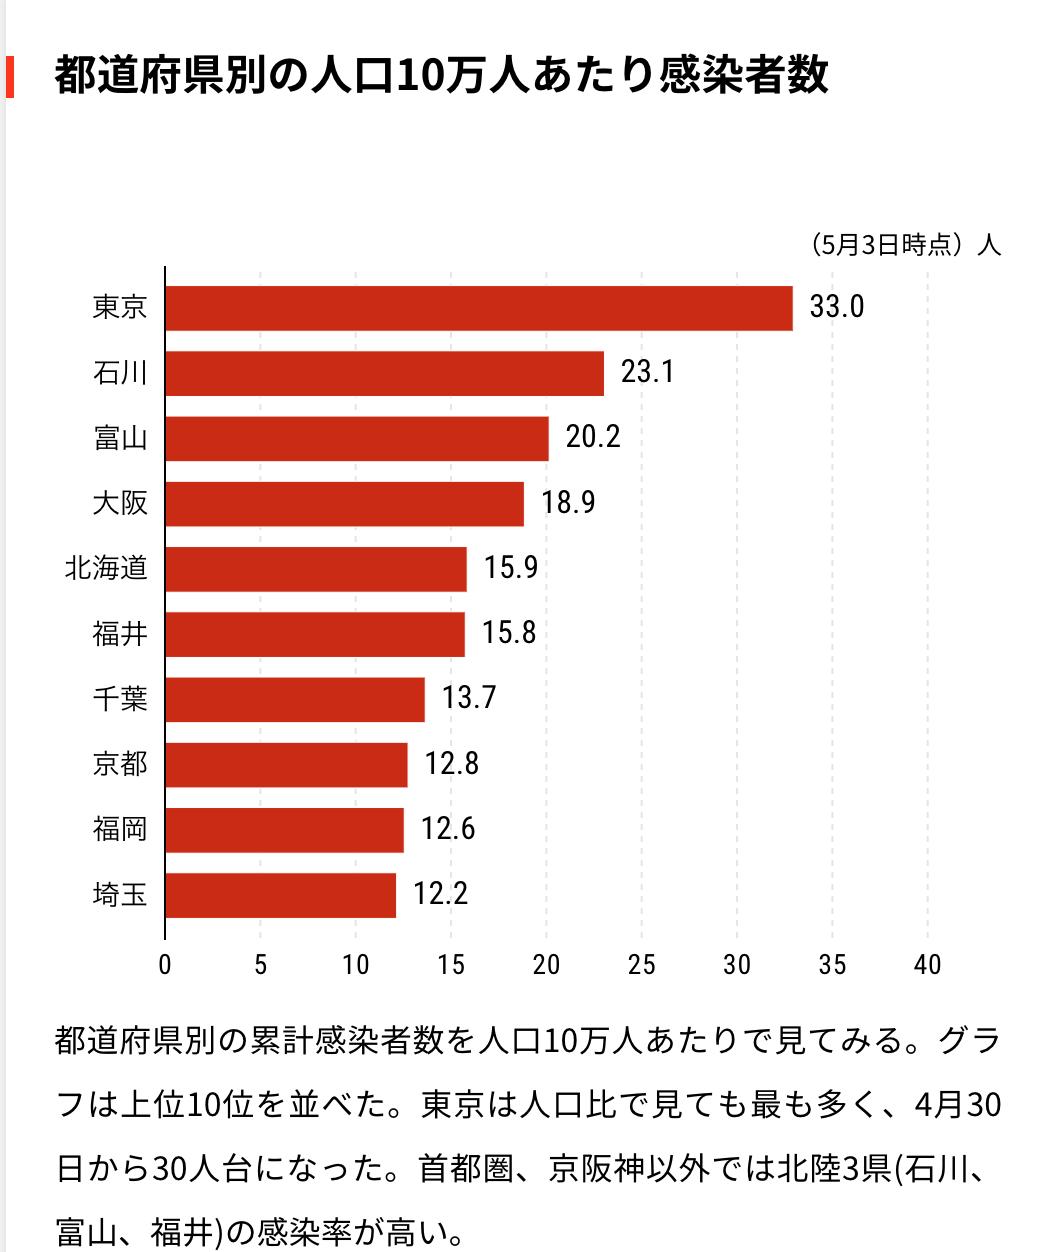 20200503チャートで見る日本の感染状況新型コロナウイルス